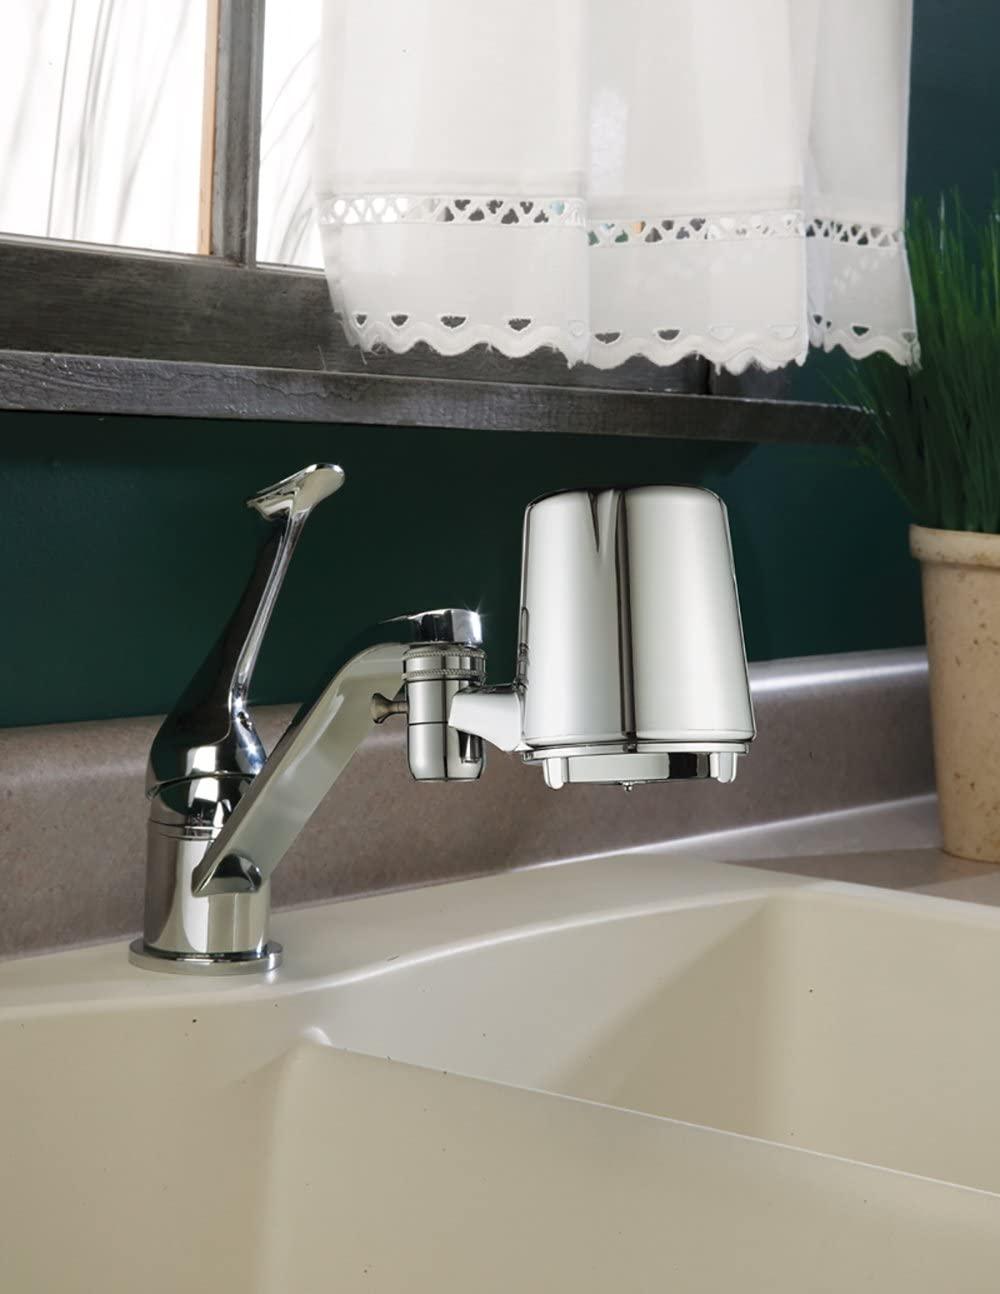 faucet filter close up